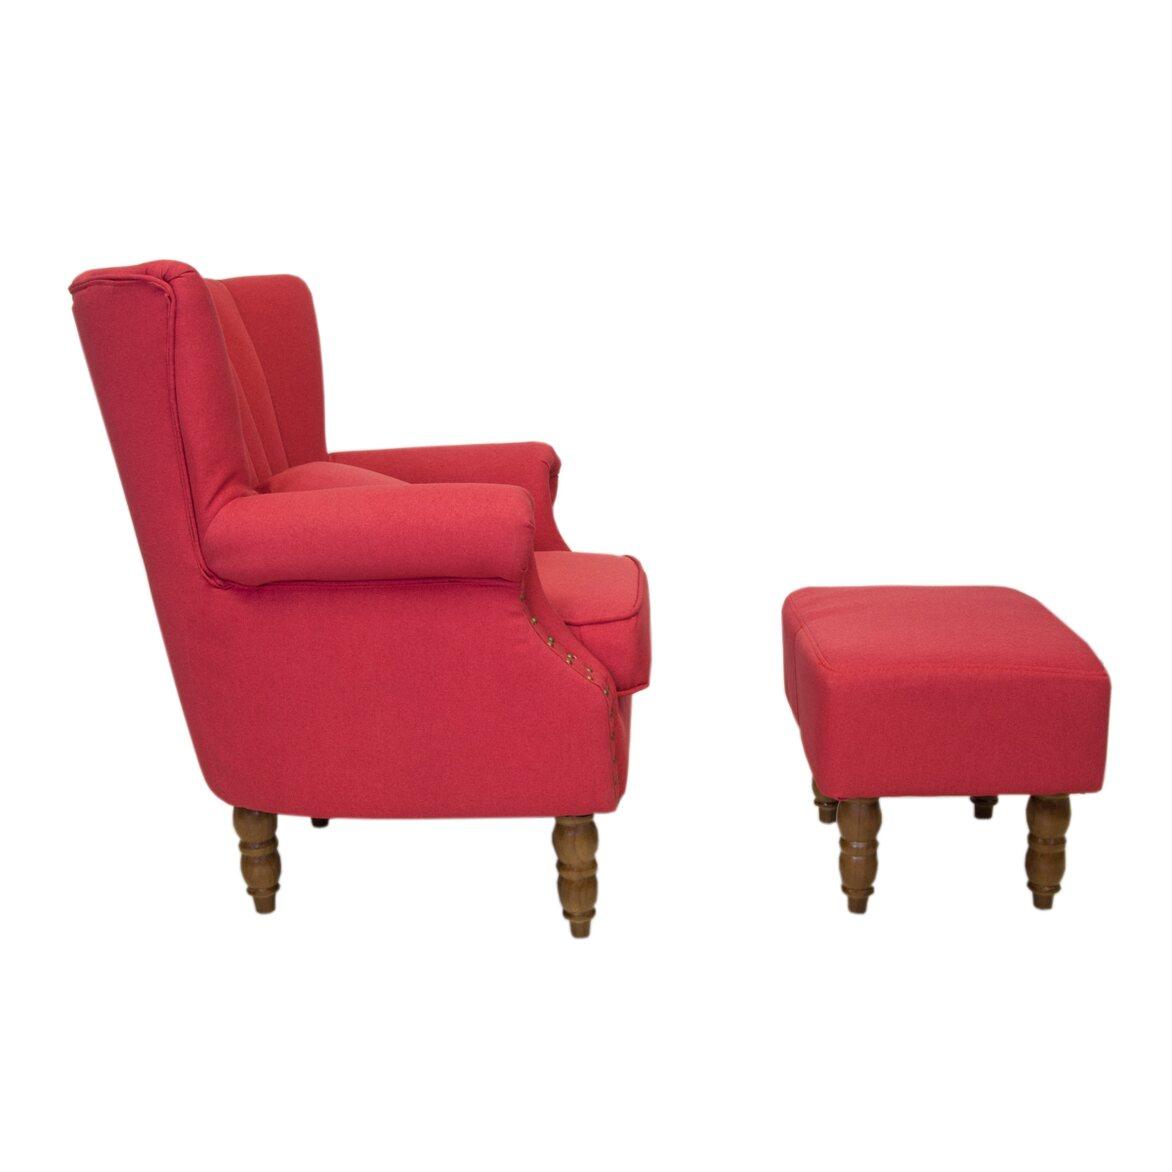 Кресло с пуфом Lab red 3 | Каминные кресла Kingsby